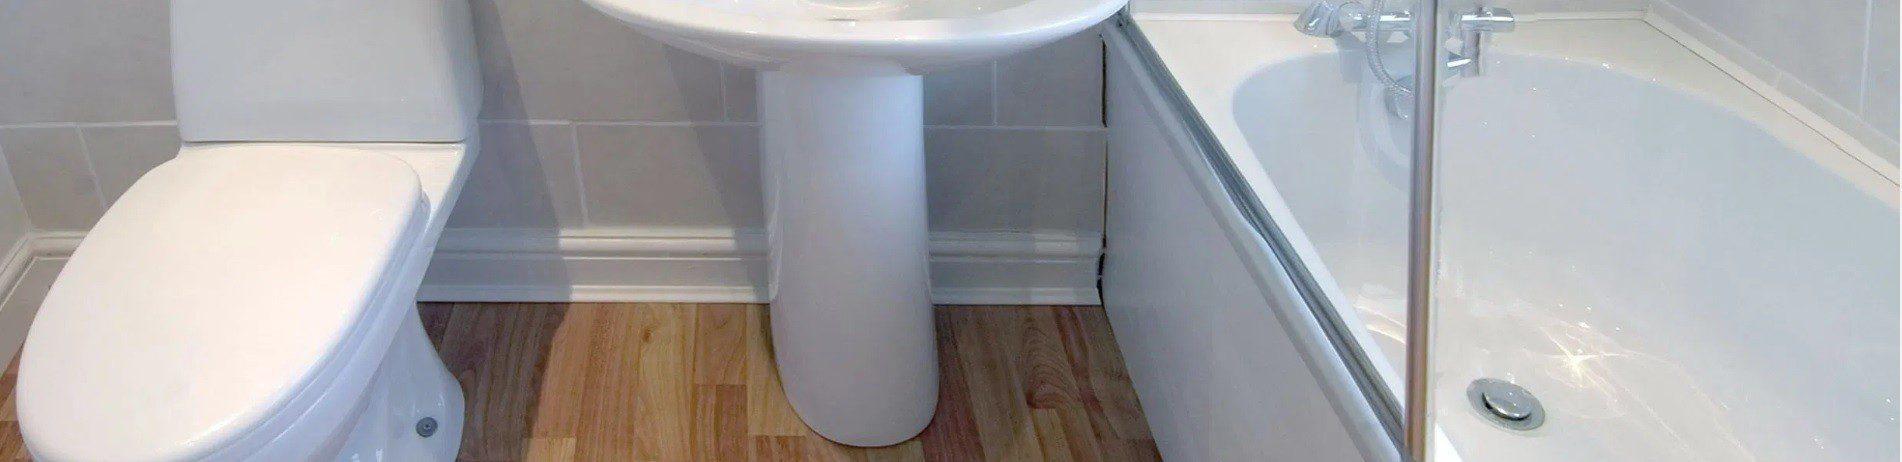 A+ Bathtub Refinishing slide1